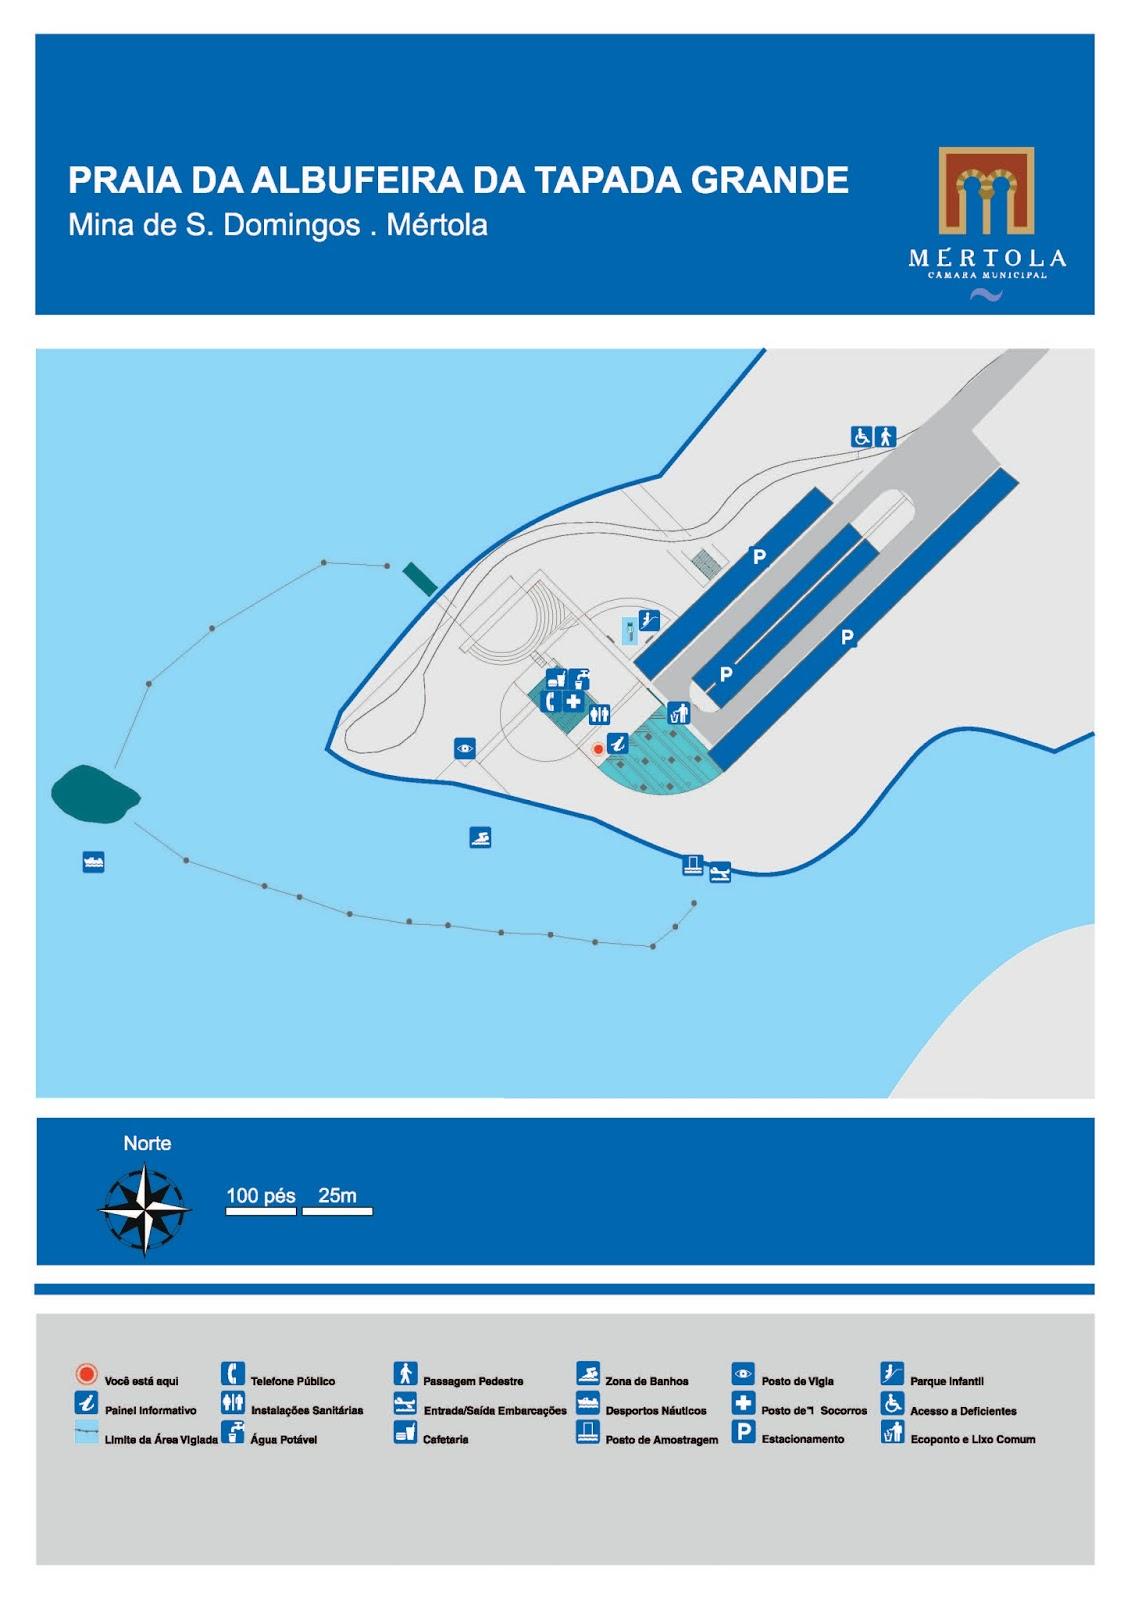 mapa praias fluviais alentejo Praias Fluviais no Alentejo | AQUAPOLIS.com.pt mapa praias fluviais alentejo